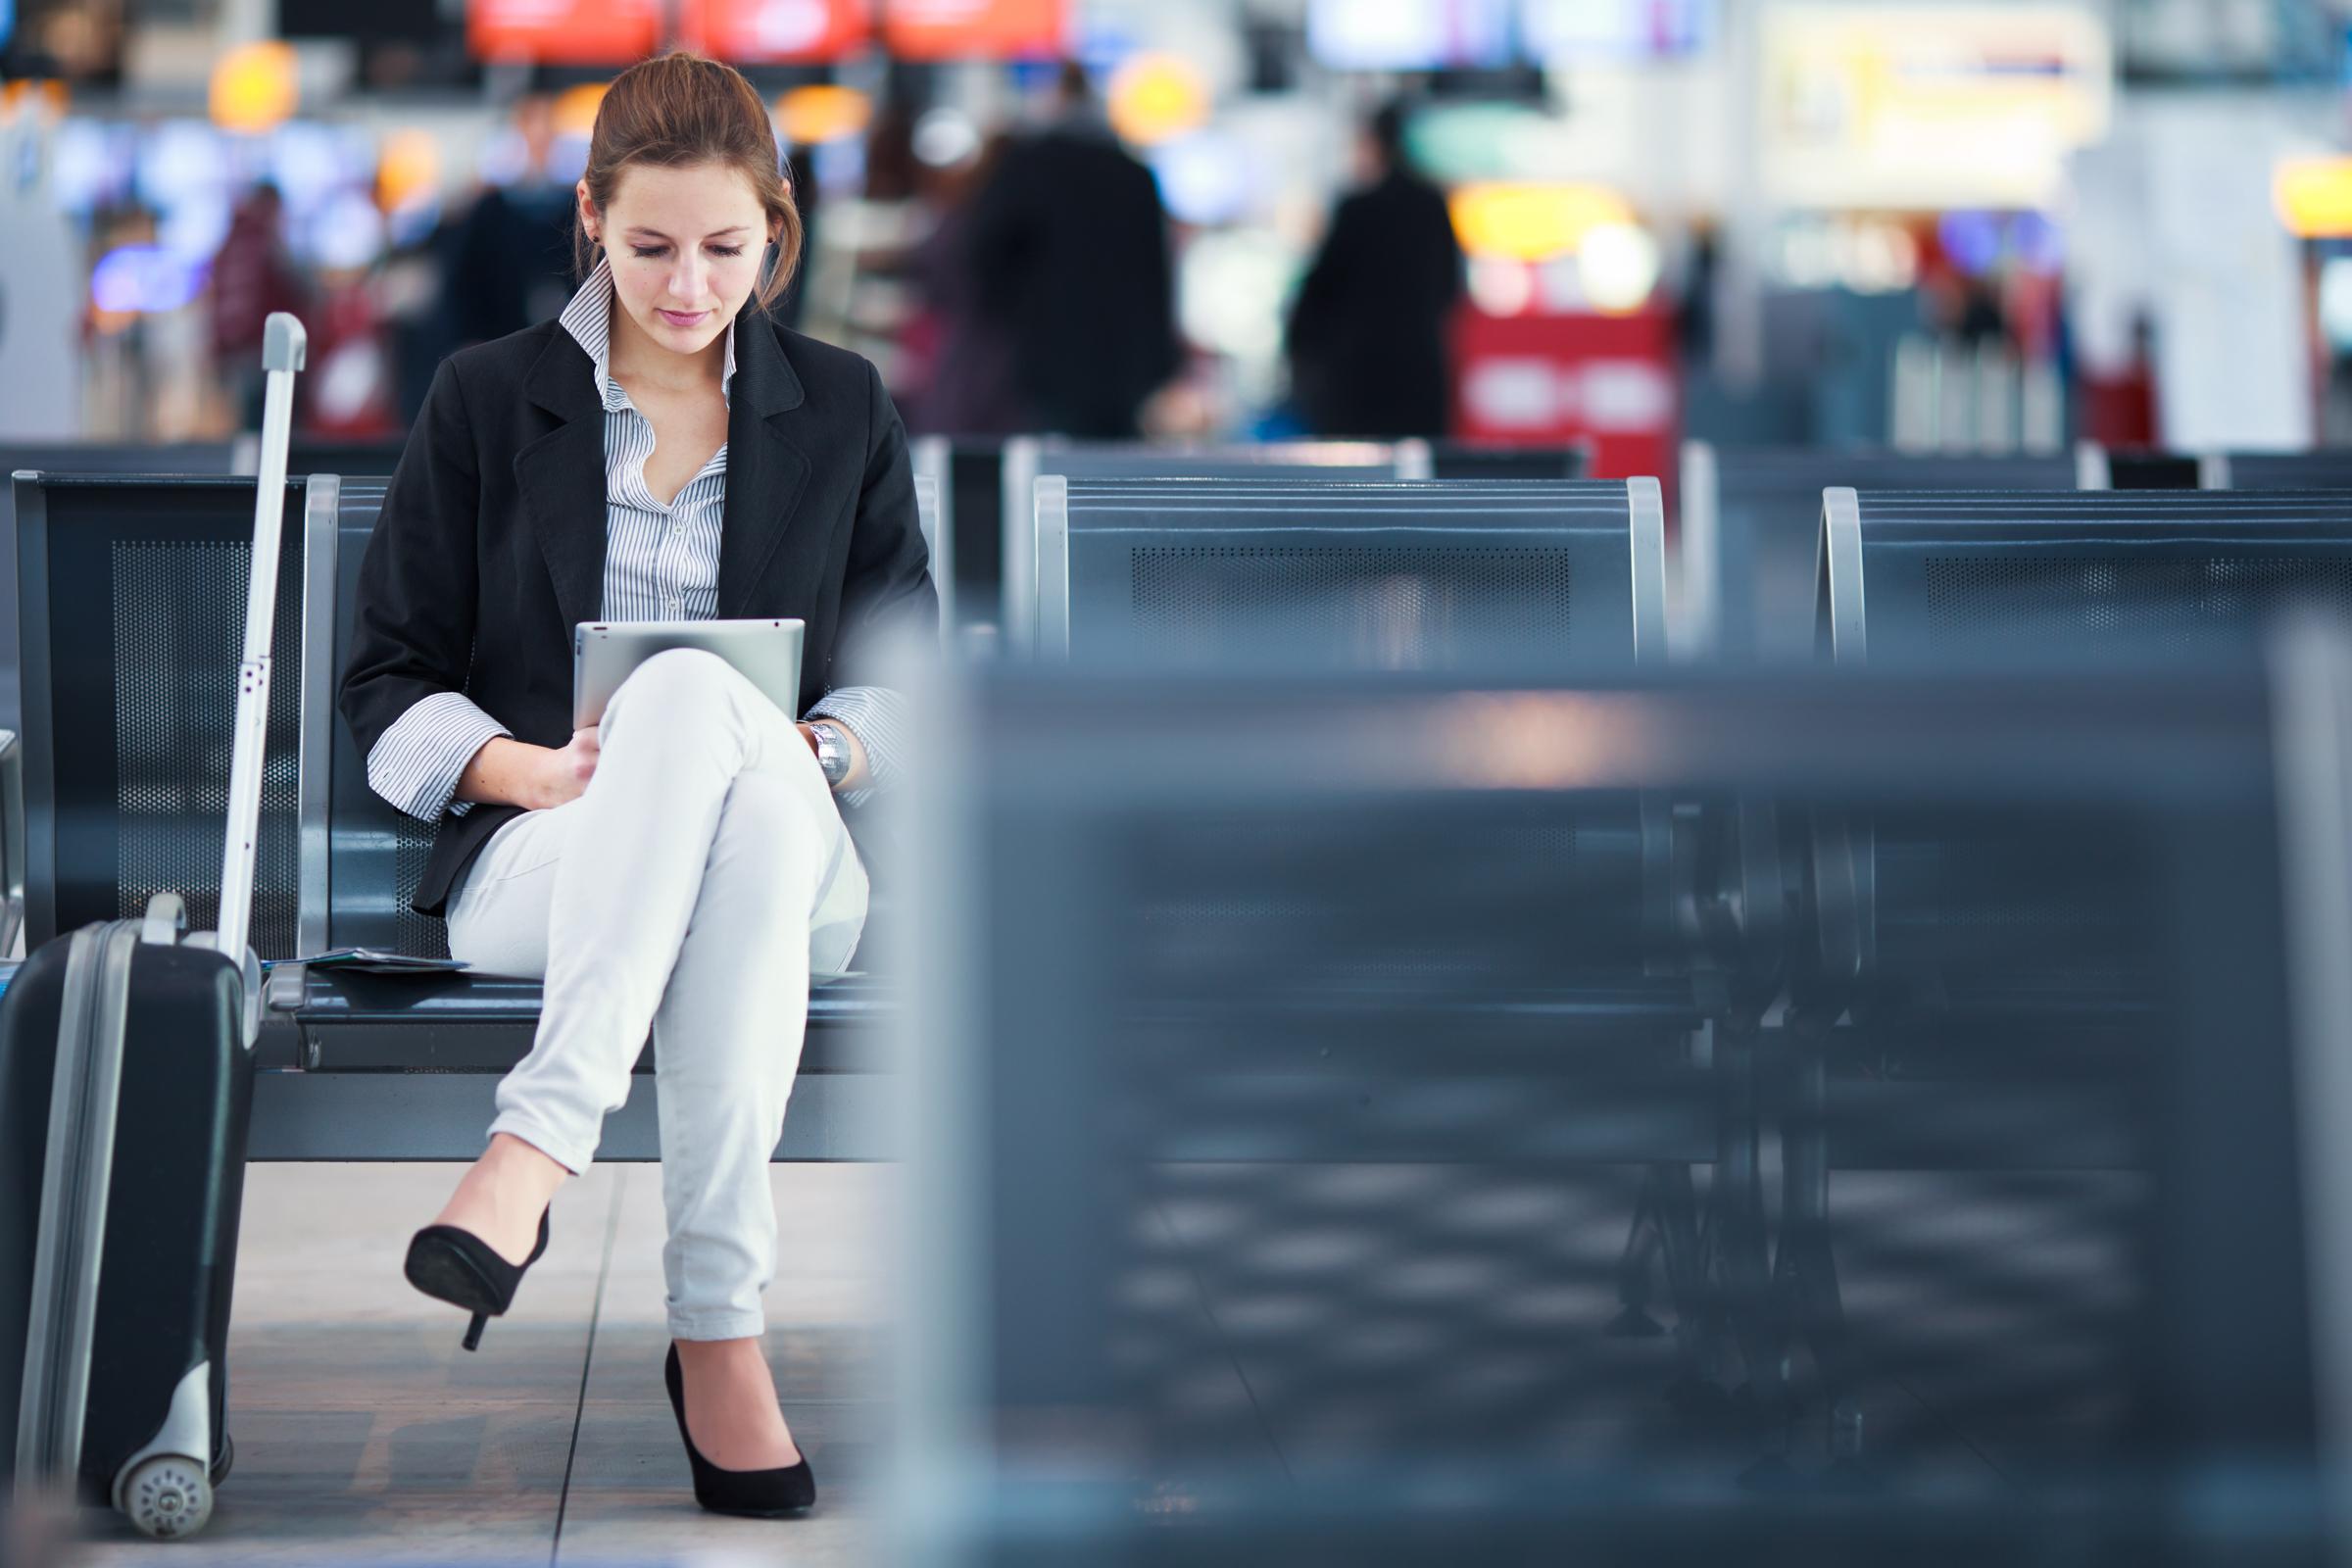 Wi-Fi в аэропорту: чем может быть опасным для пользователя?